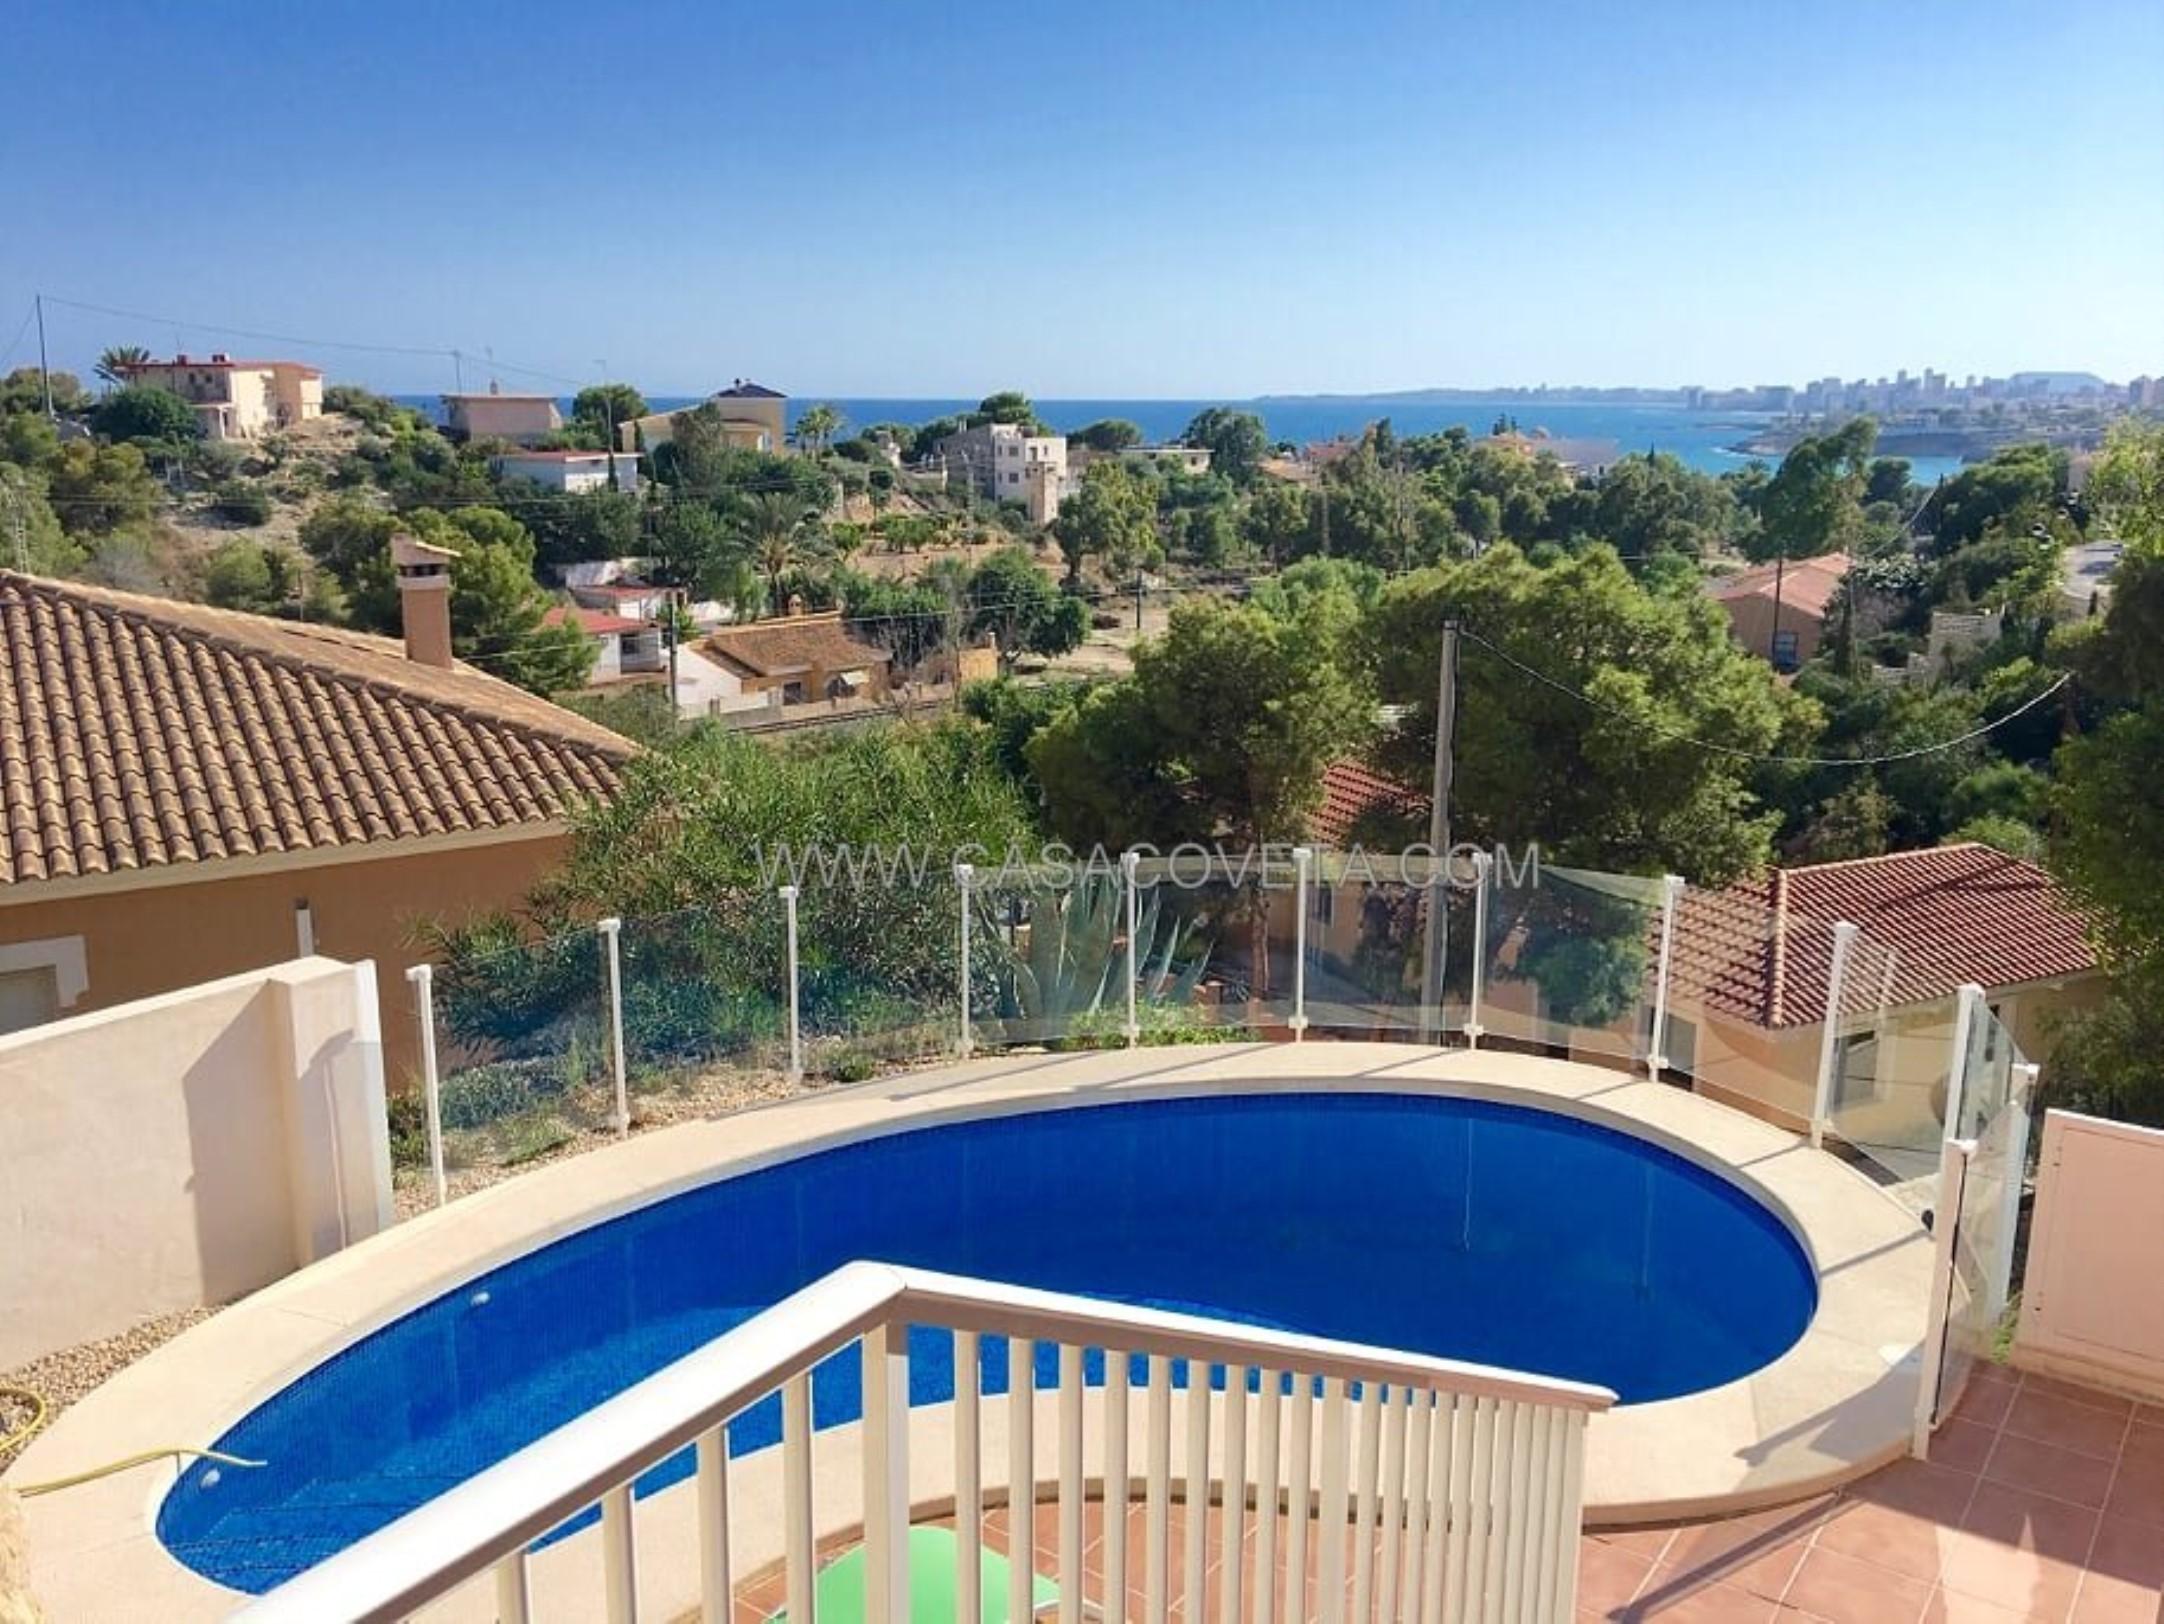 Disfrute de unas relajantes vacaciones con su familia y amigos en Villa La Cabana. Ref 569